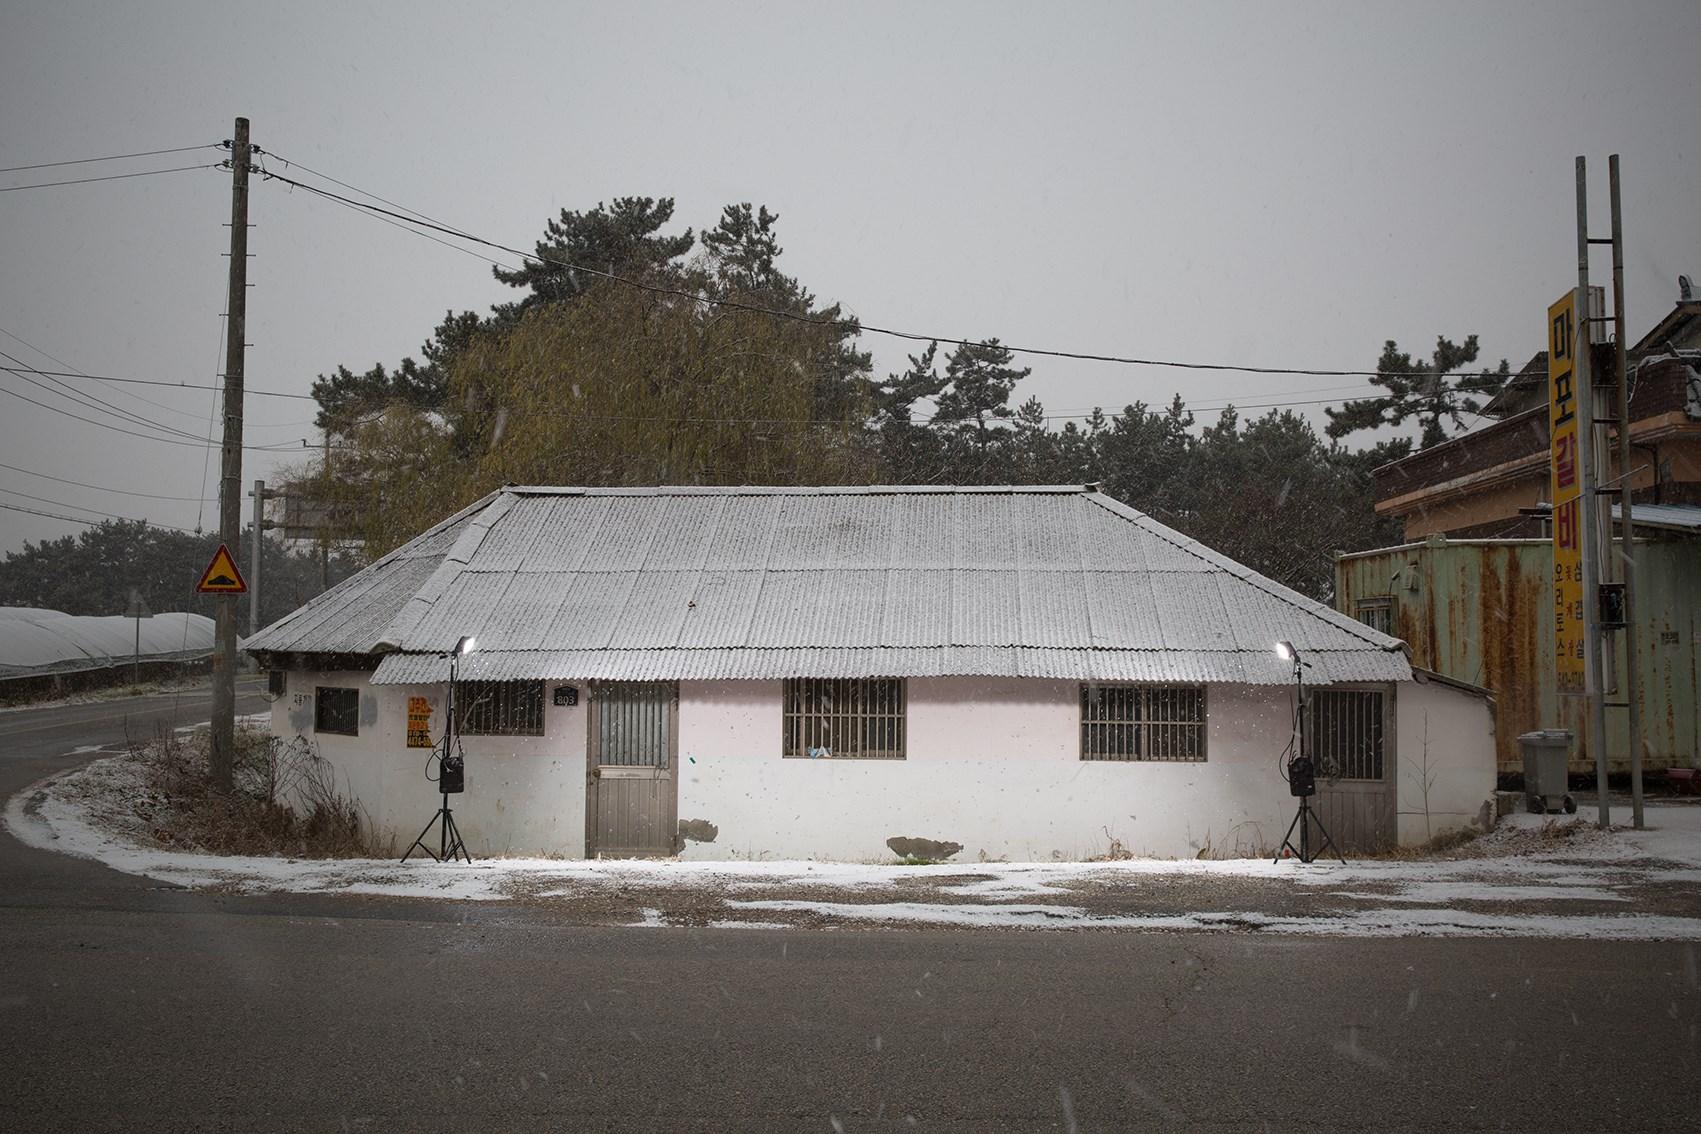 김윤호, 눈 오는 날의 집, Digital C-print, 62 x 52cm, 2017, ONE AND J